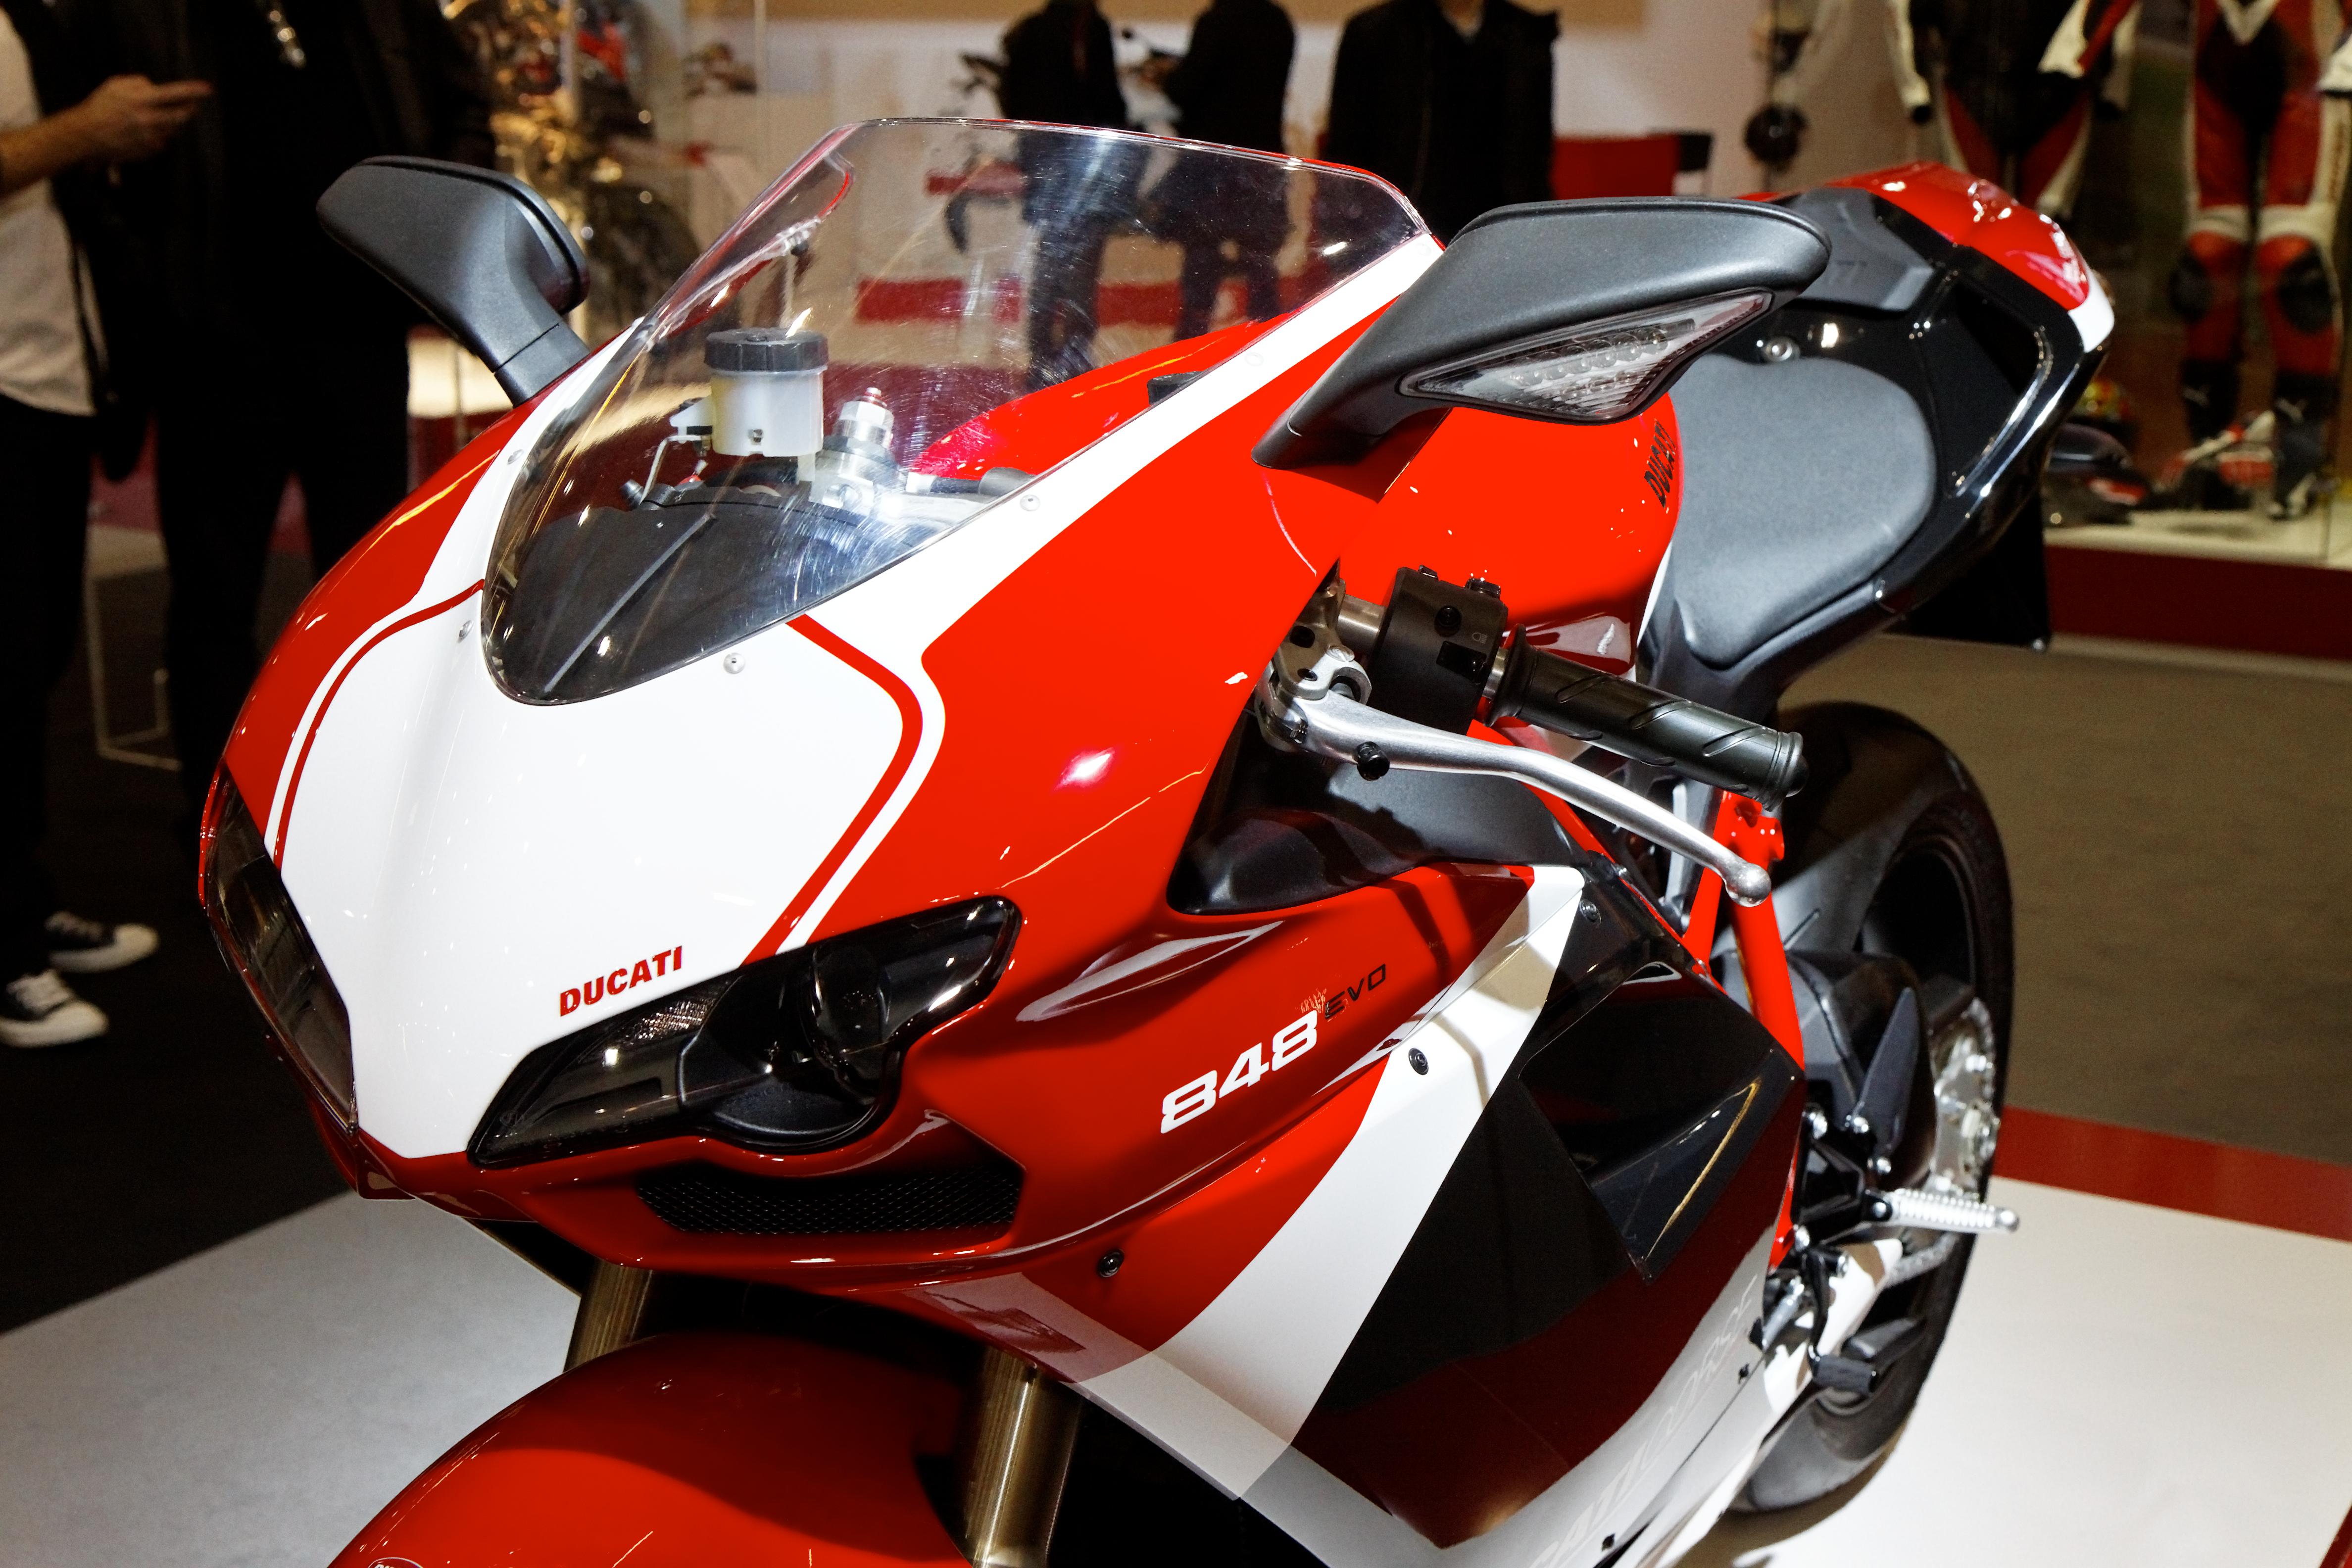 File:Paris - Salon de la moto 2011 - Ducati - 848 EVO Corse Special